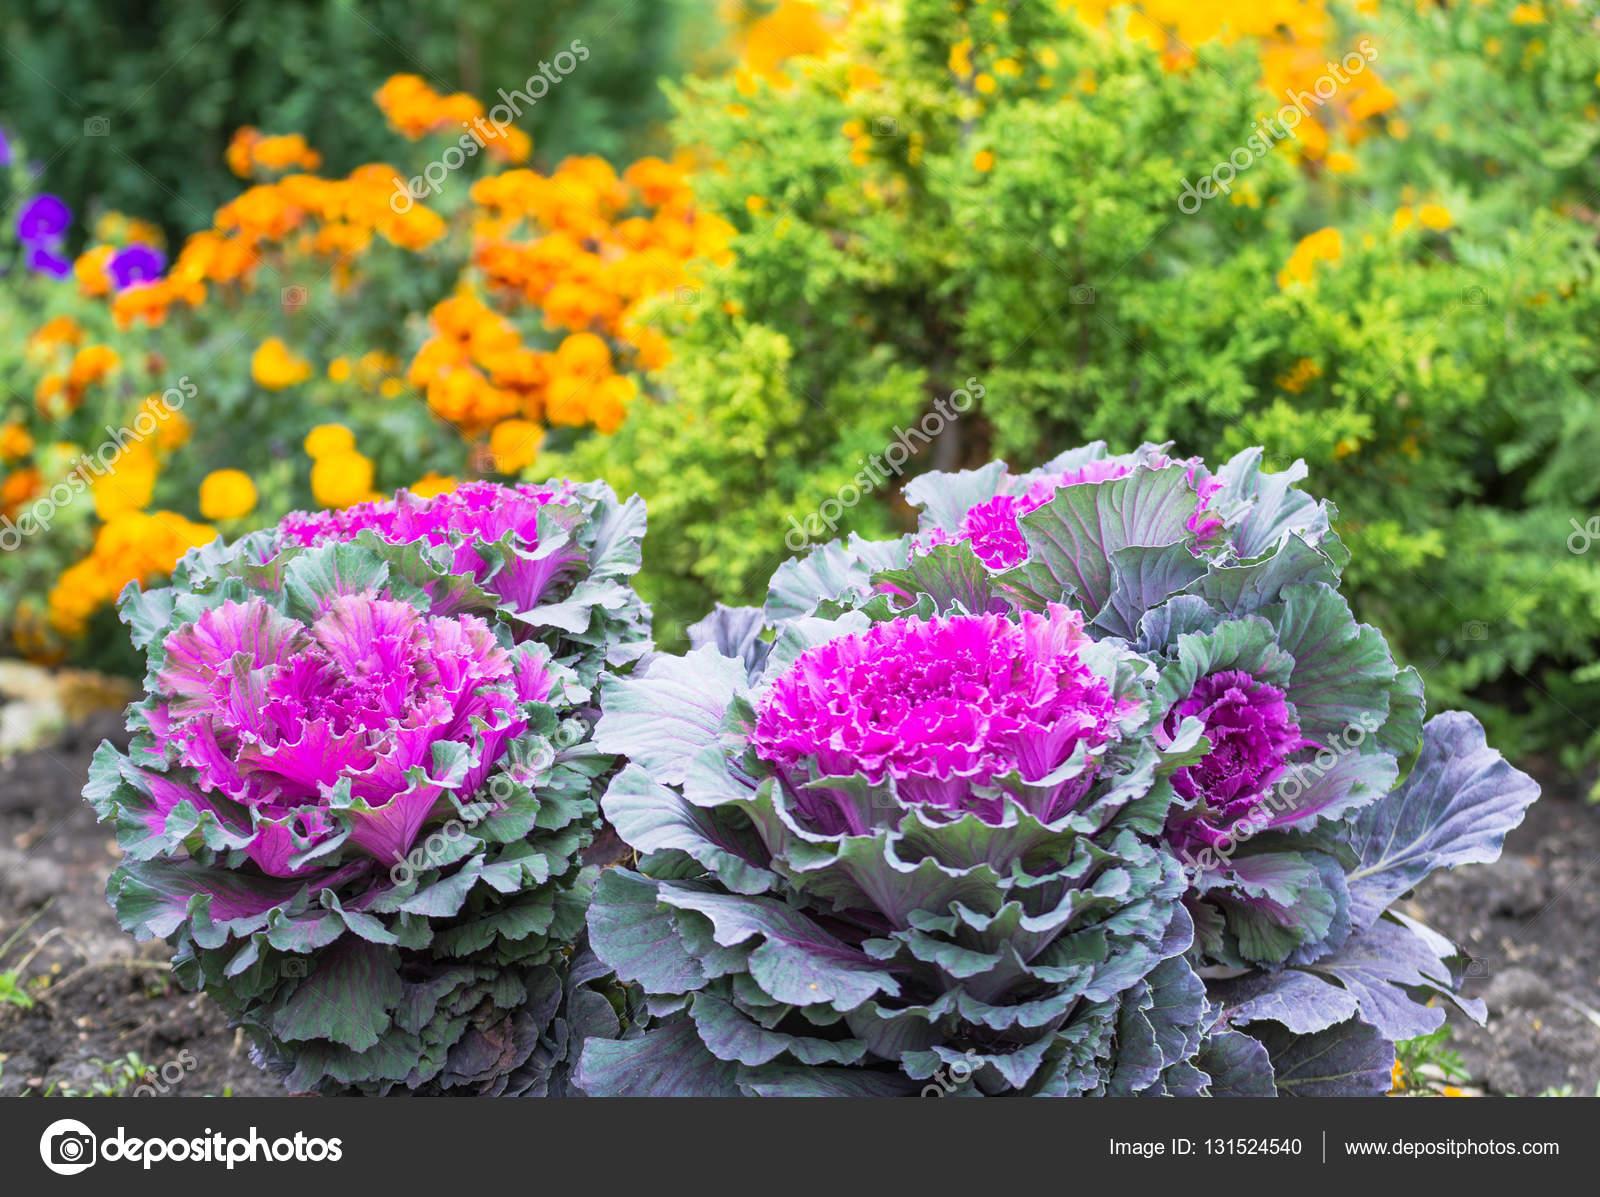 Декоративная капуста цветы фото